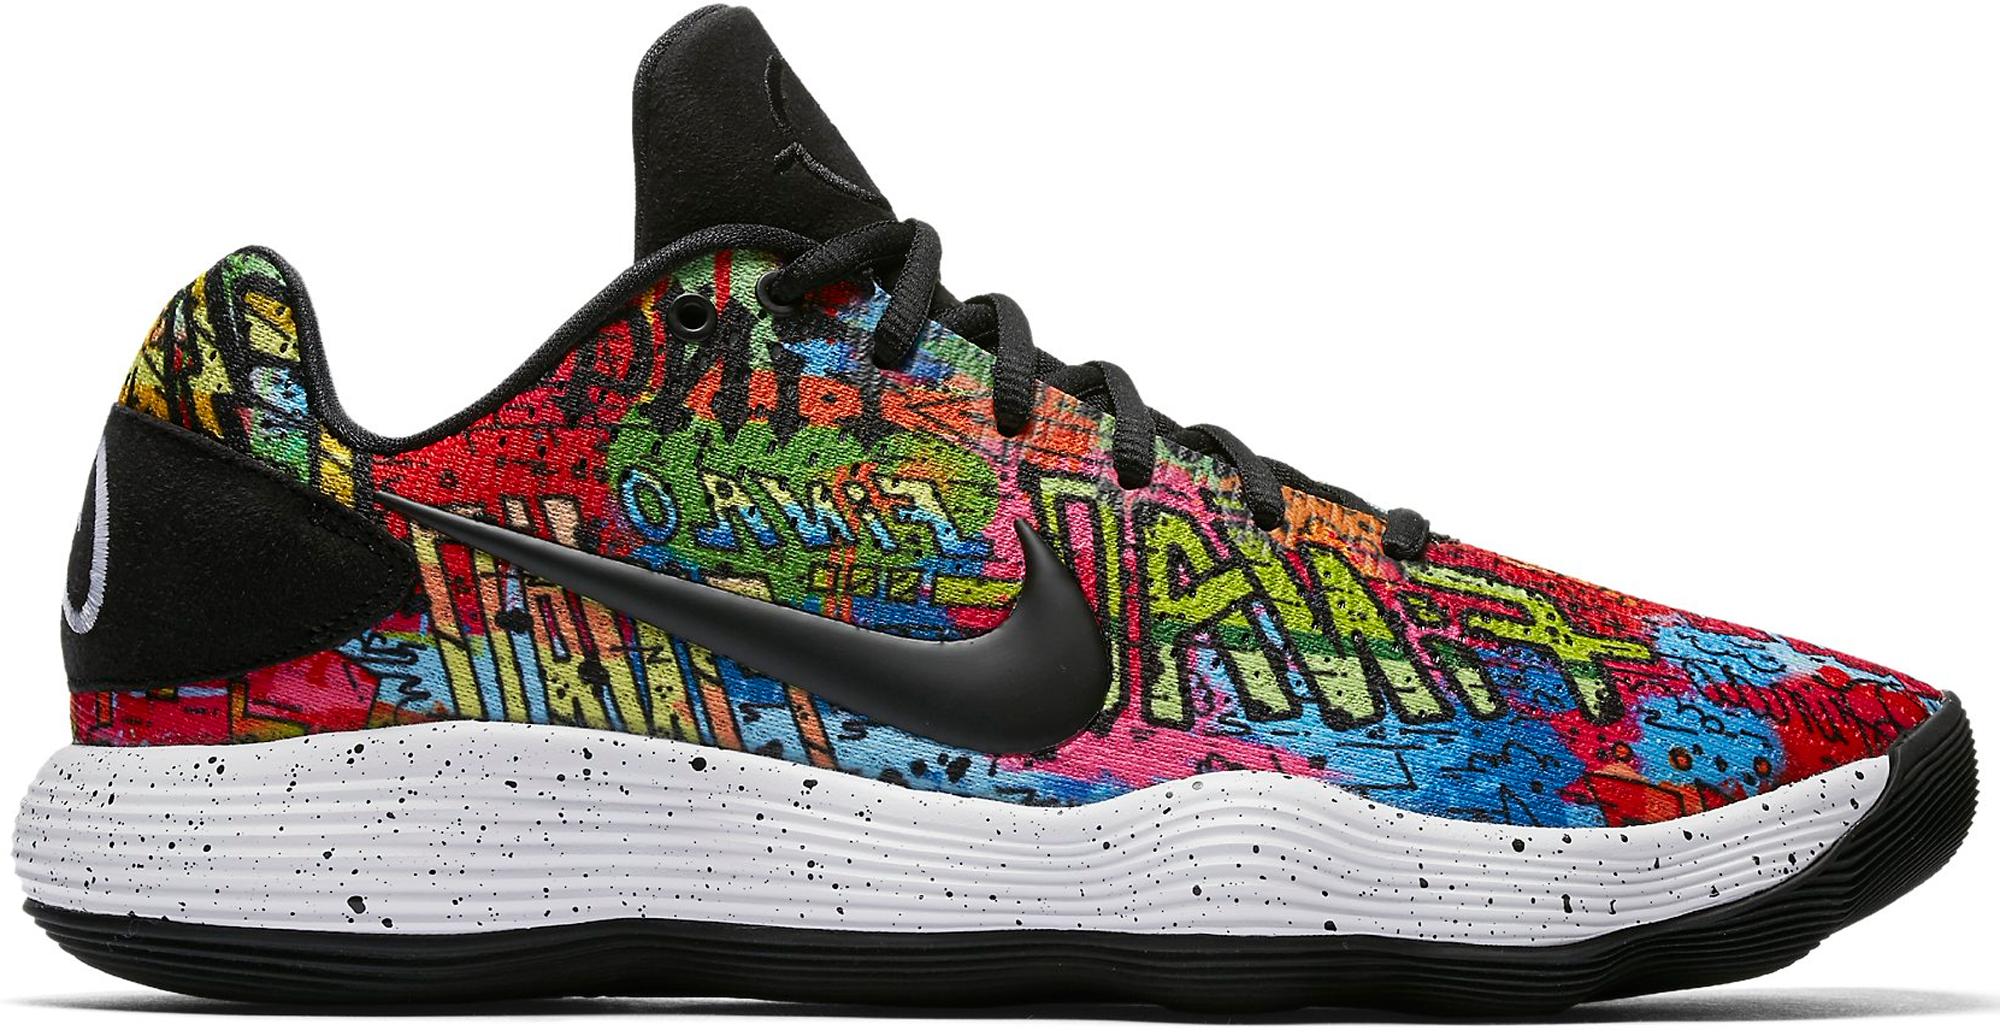 Finao Nike Shoes